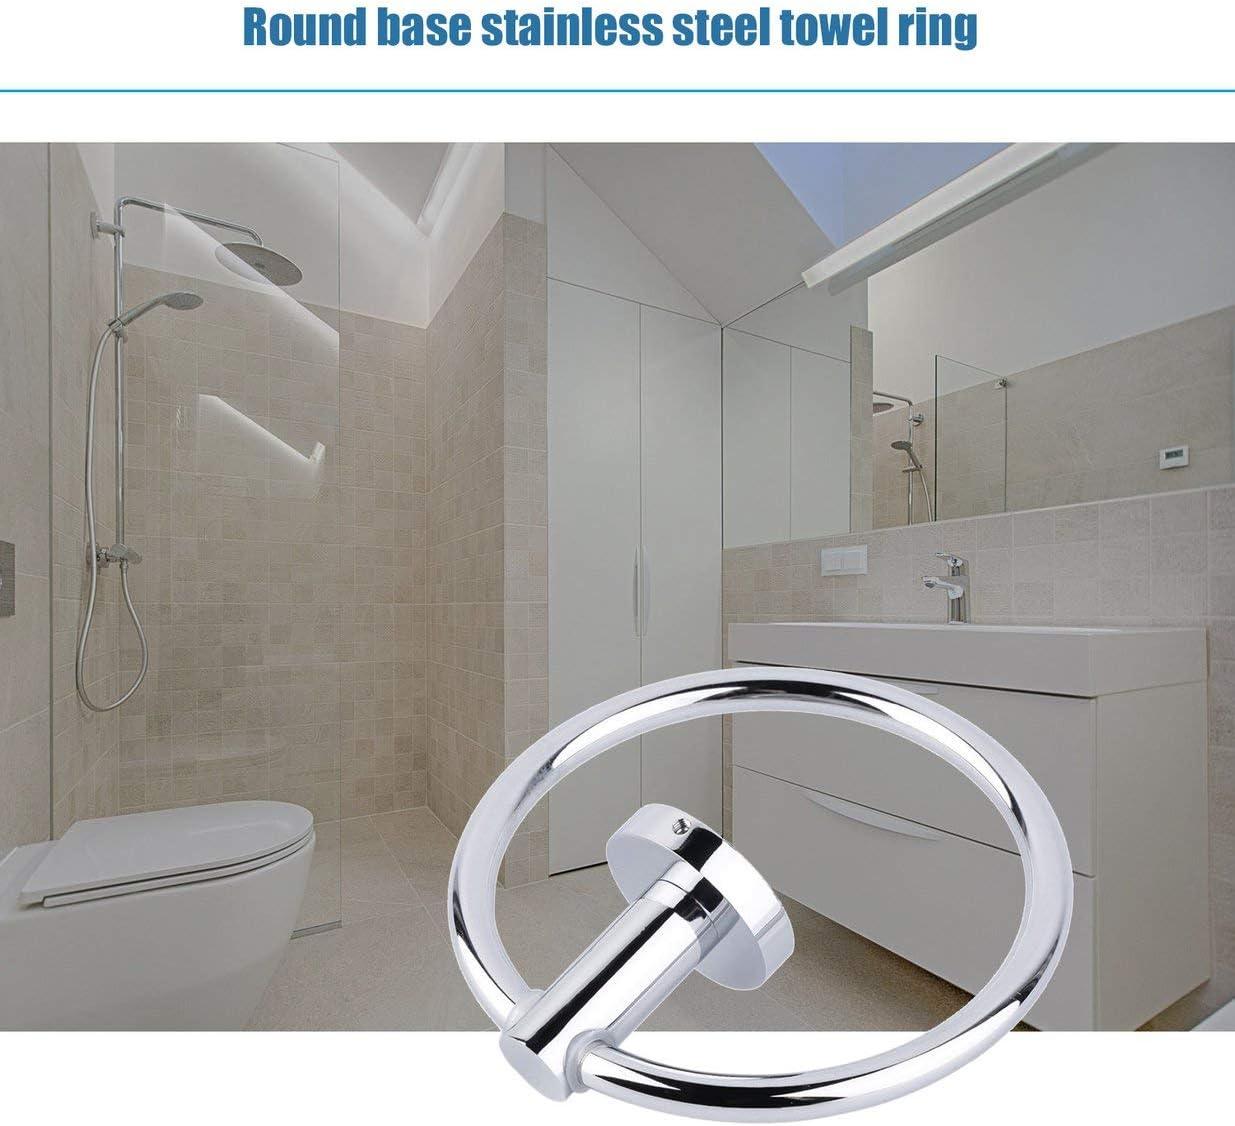 pr/áctico toallero para colgar en el ba/ño Sairis color plateado Toallero de acero inoxidable con forma redonda